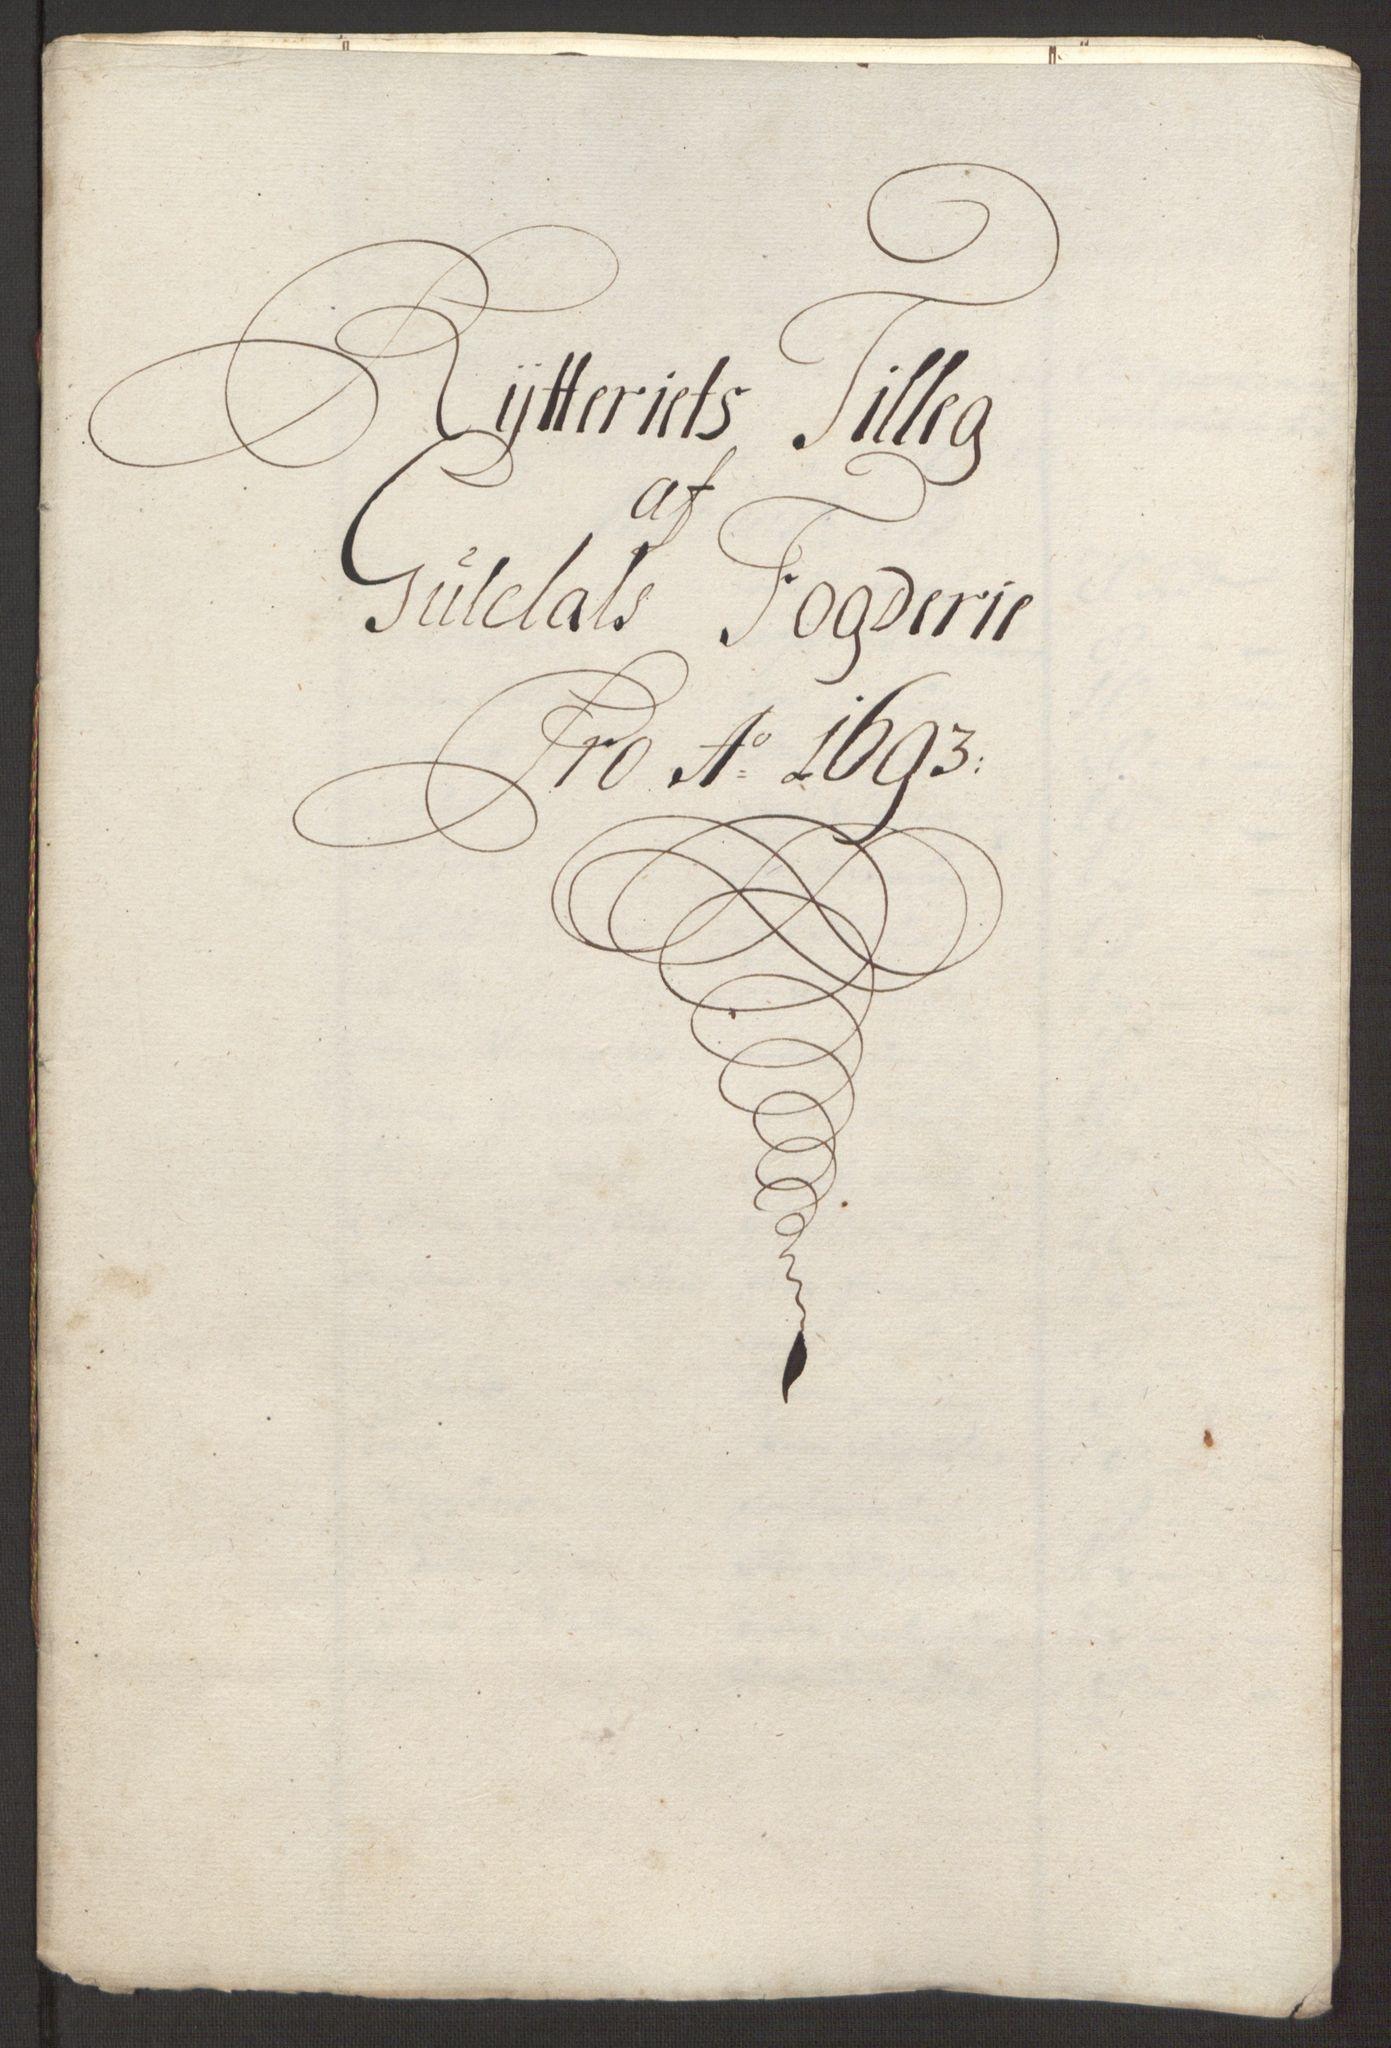 RA, Rentekammeret inntil 1814, Reviderte regnskaper, Fogderegnskap, R59/L3943: Fogderegnskap Gauldal, 1693, s. 160